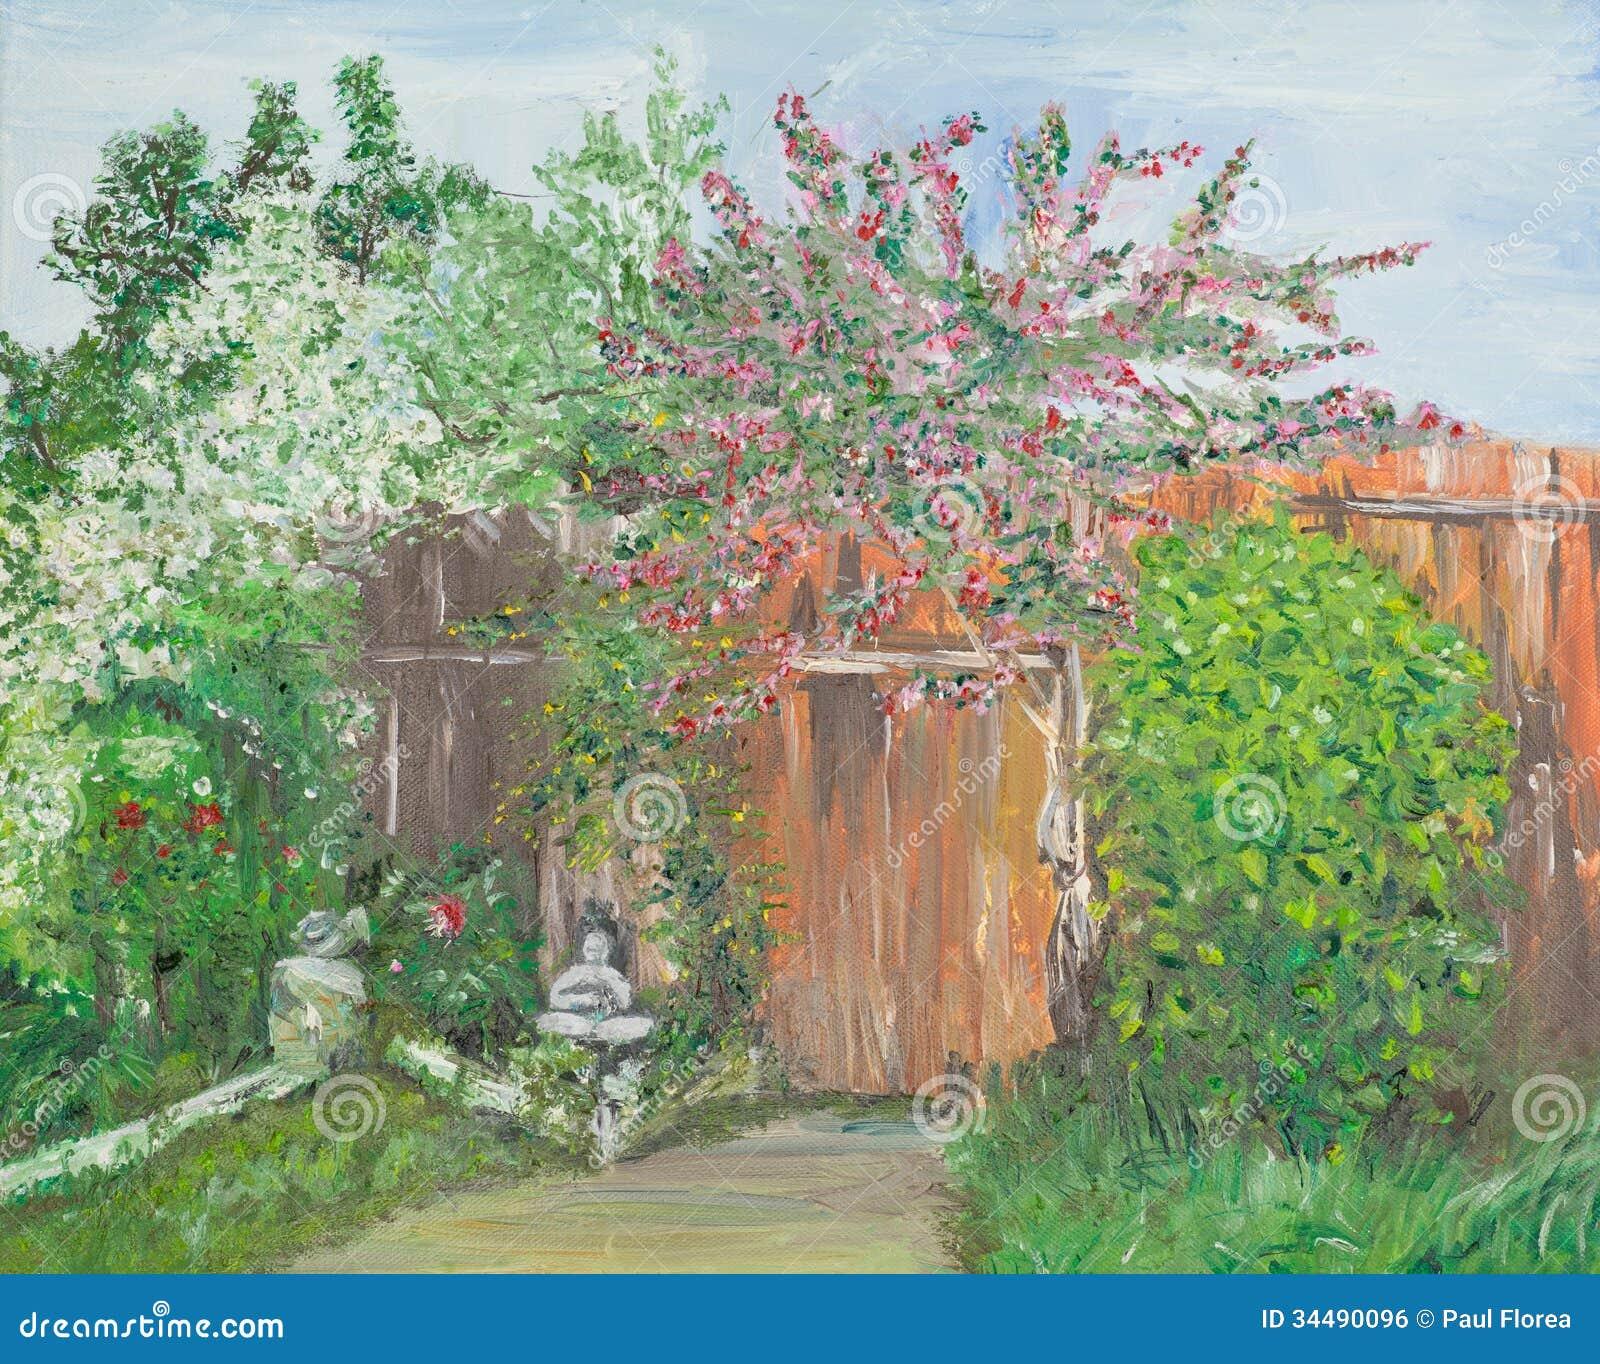 Wonderful Garden, Oil Painting Stock Illustration - Illustration of ...